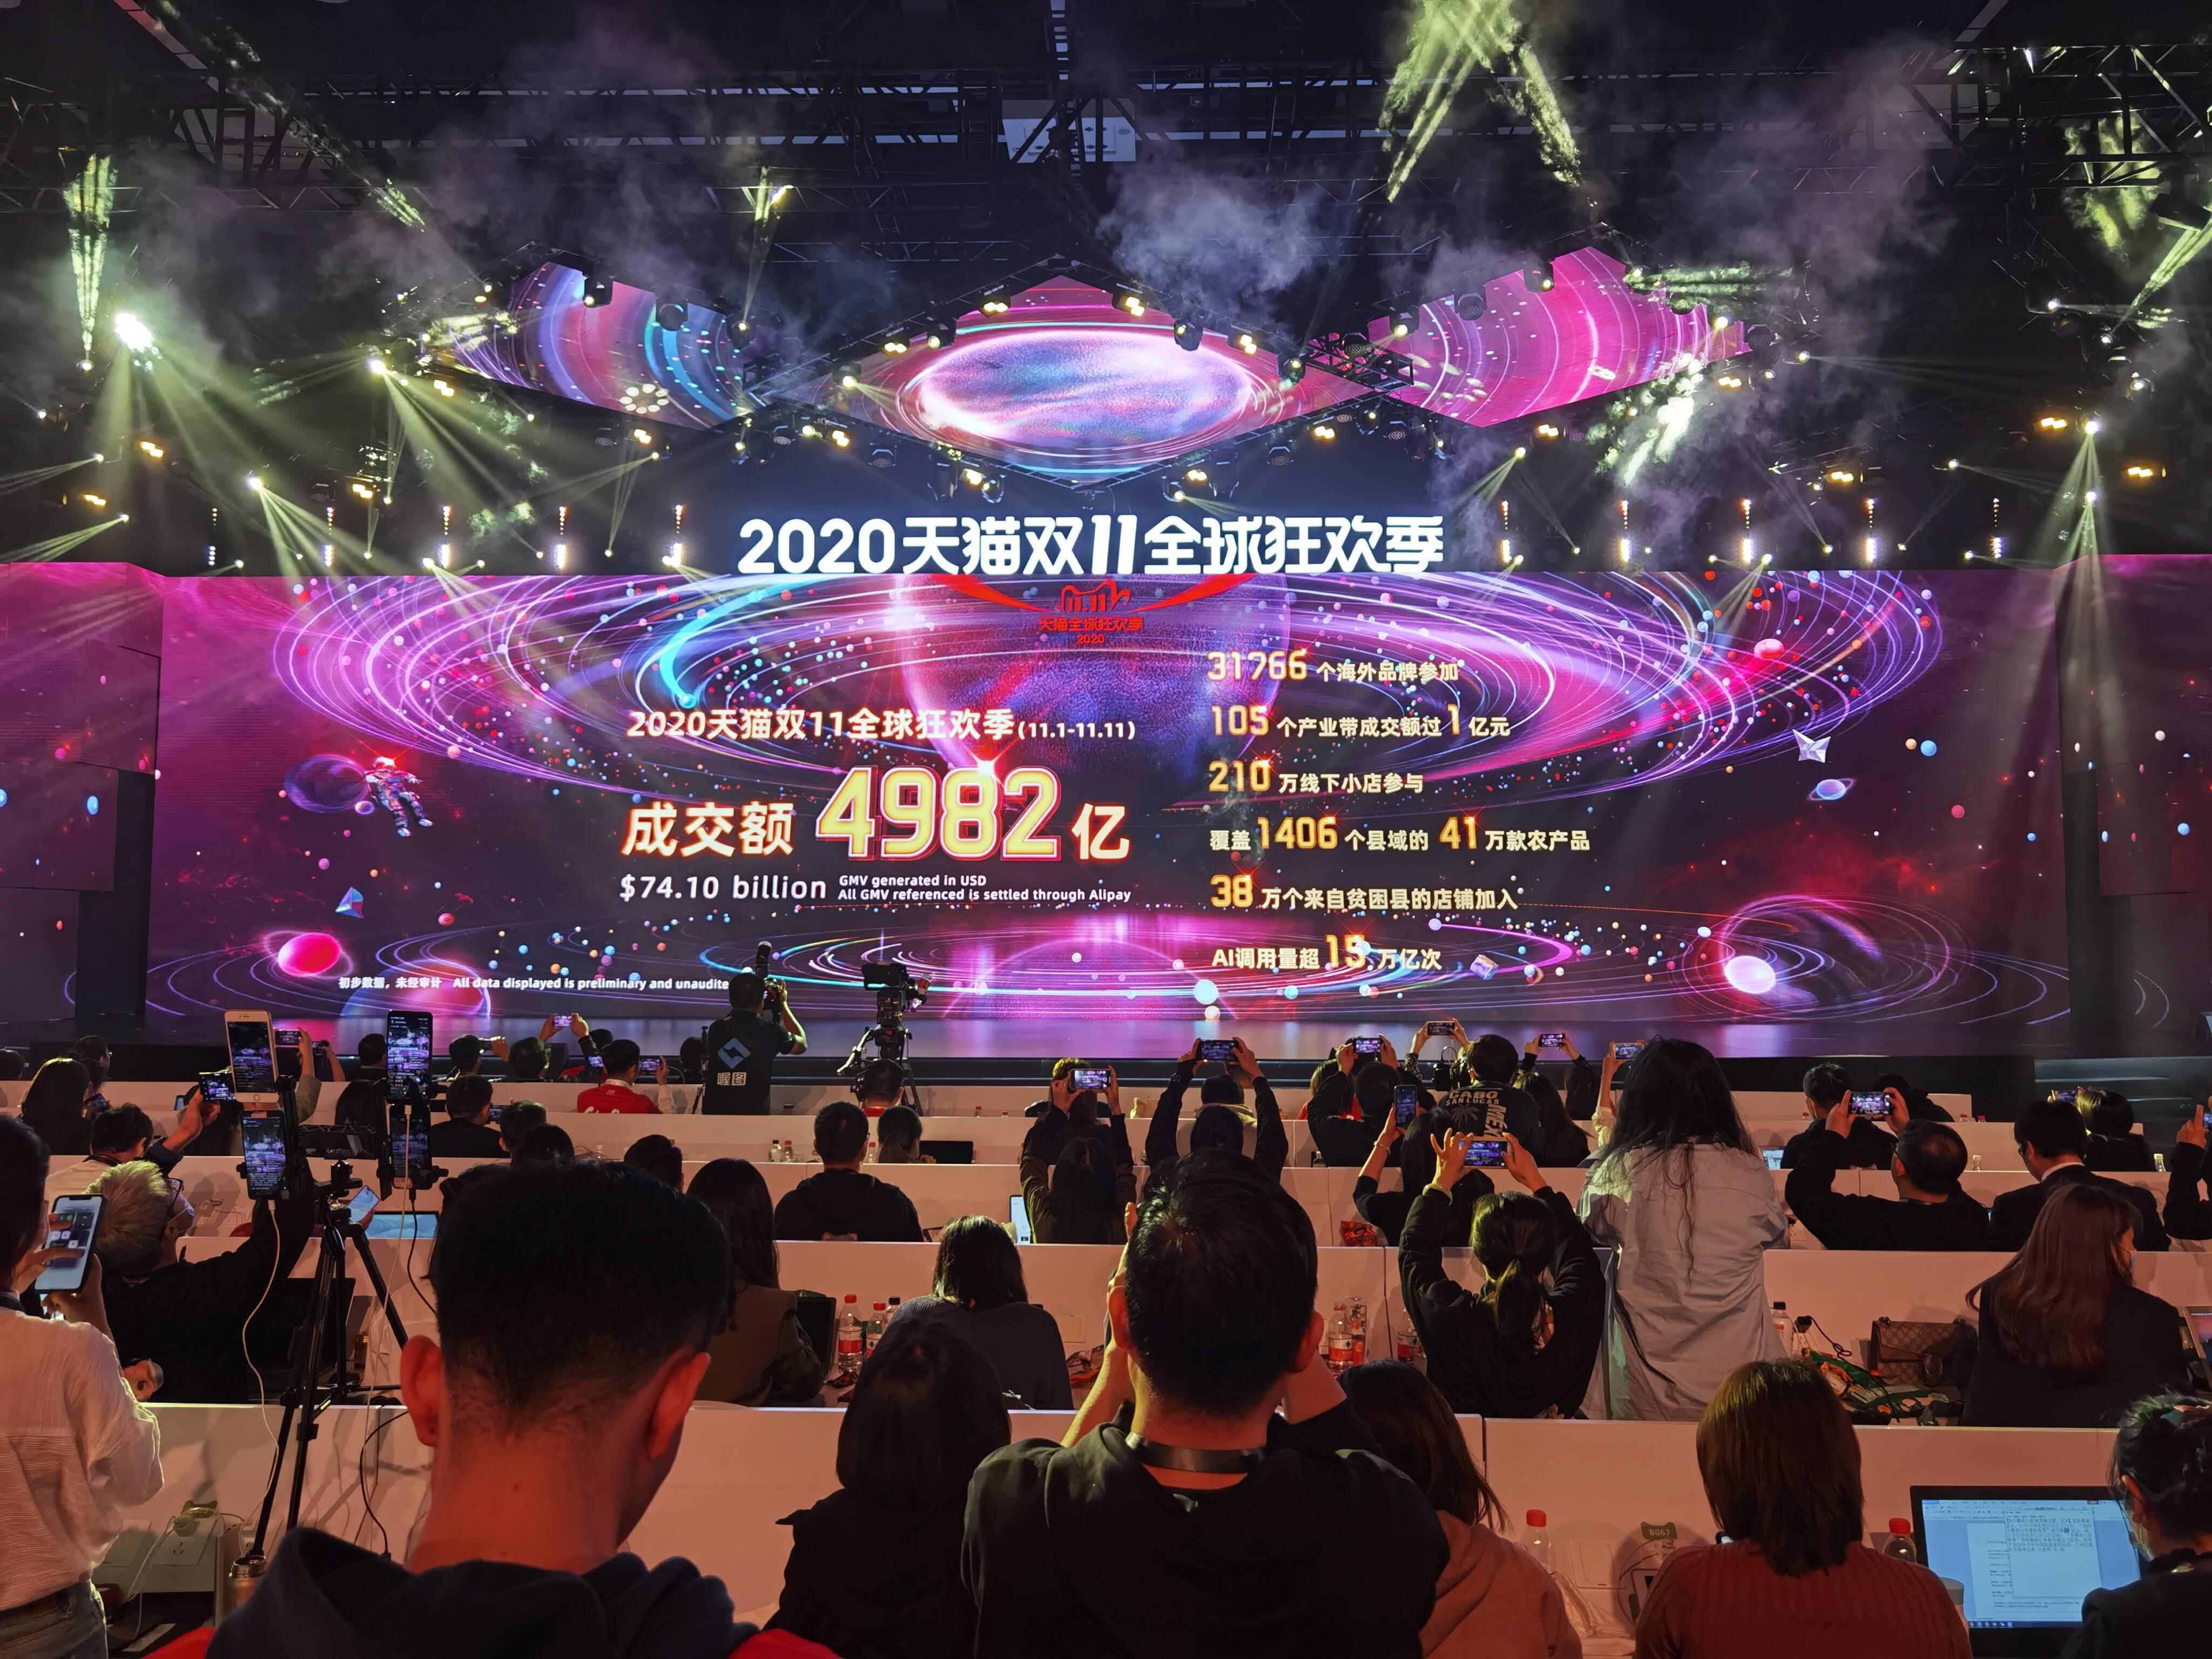 11.11速报 | 4982亿元!2020天猫双11总成交额再创新高